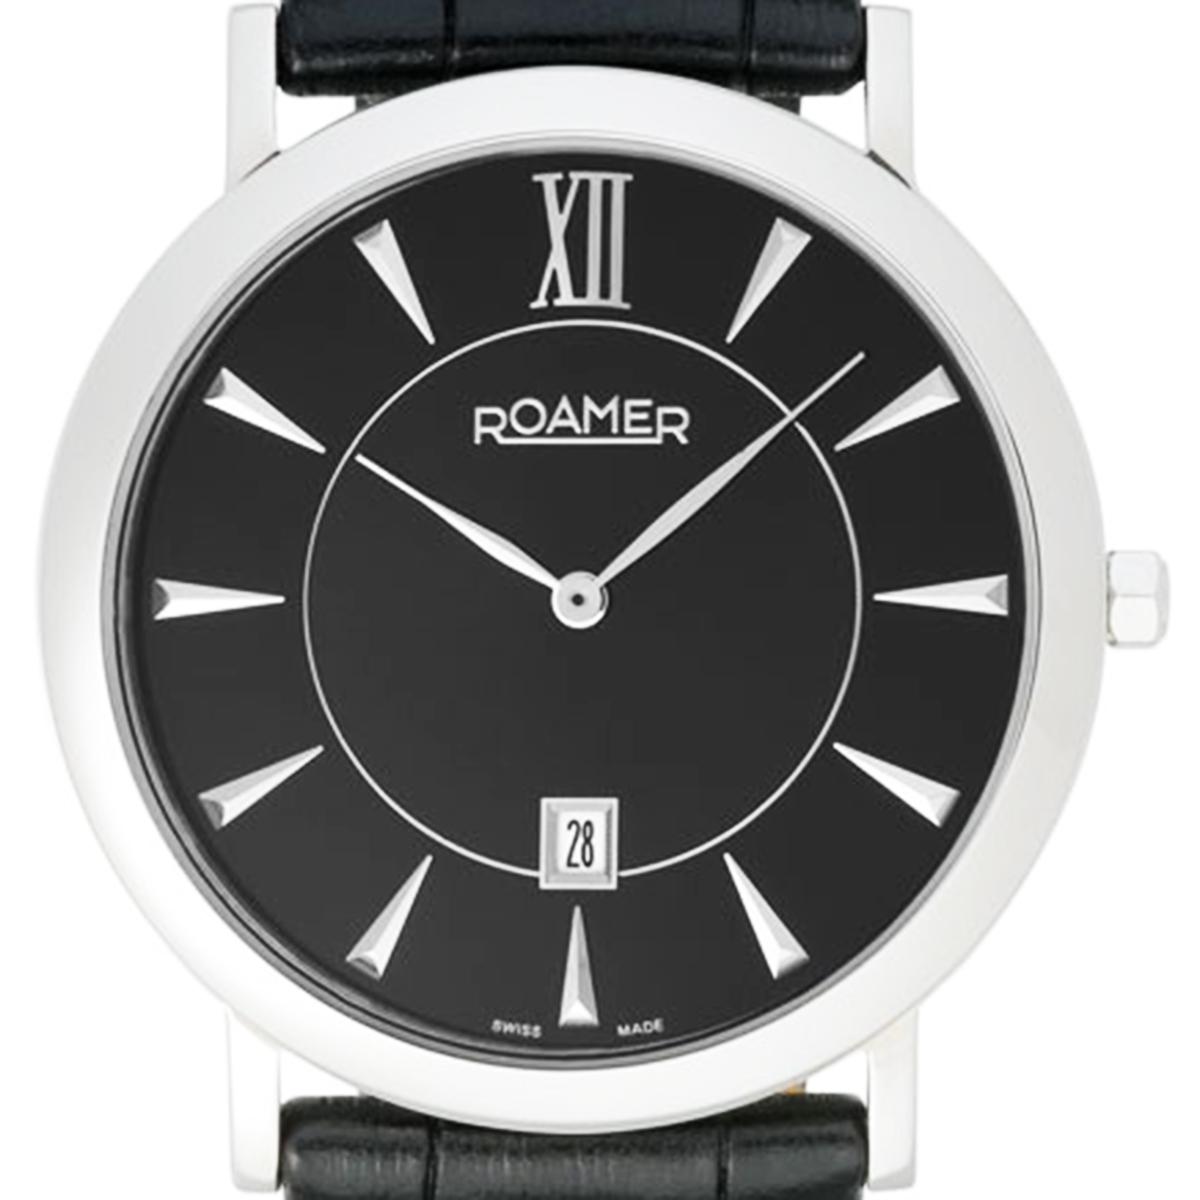 【残り1点】ROAMER ローマー クォーツ 腕時計 メンズ [934856-SL2] 並行輸入品 純正ケース付き 24ヵ月メーカー国際保証